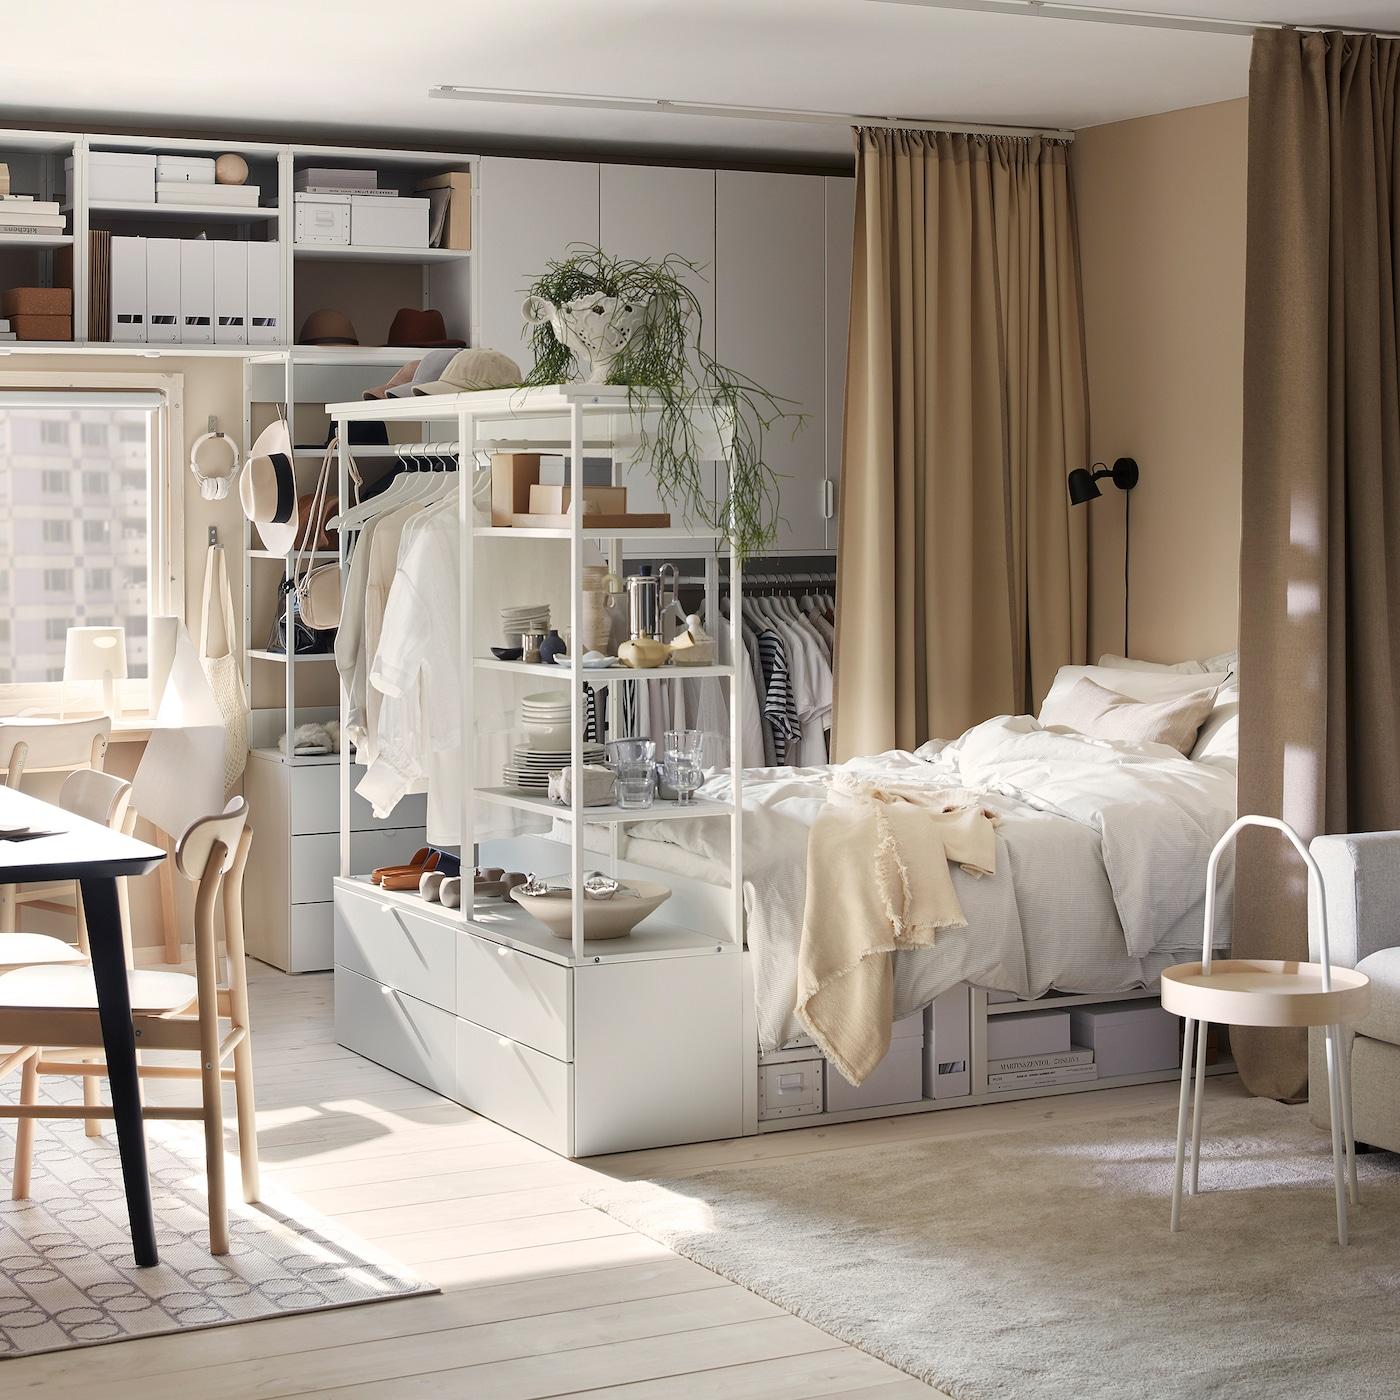 Jednopokojový byt s úložnou kombinací PLATSA, bílý rám postele, jídelní stůl a závěsná lampa.